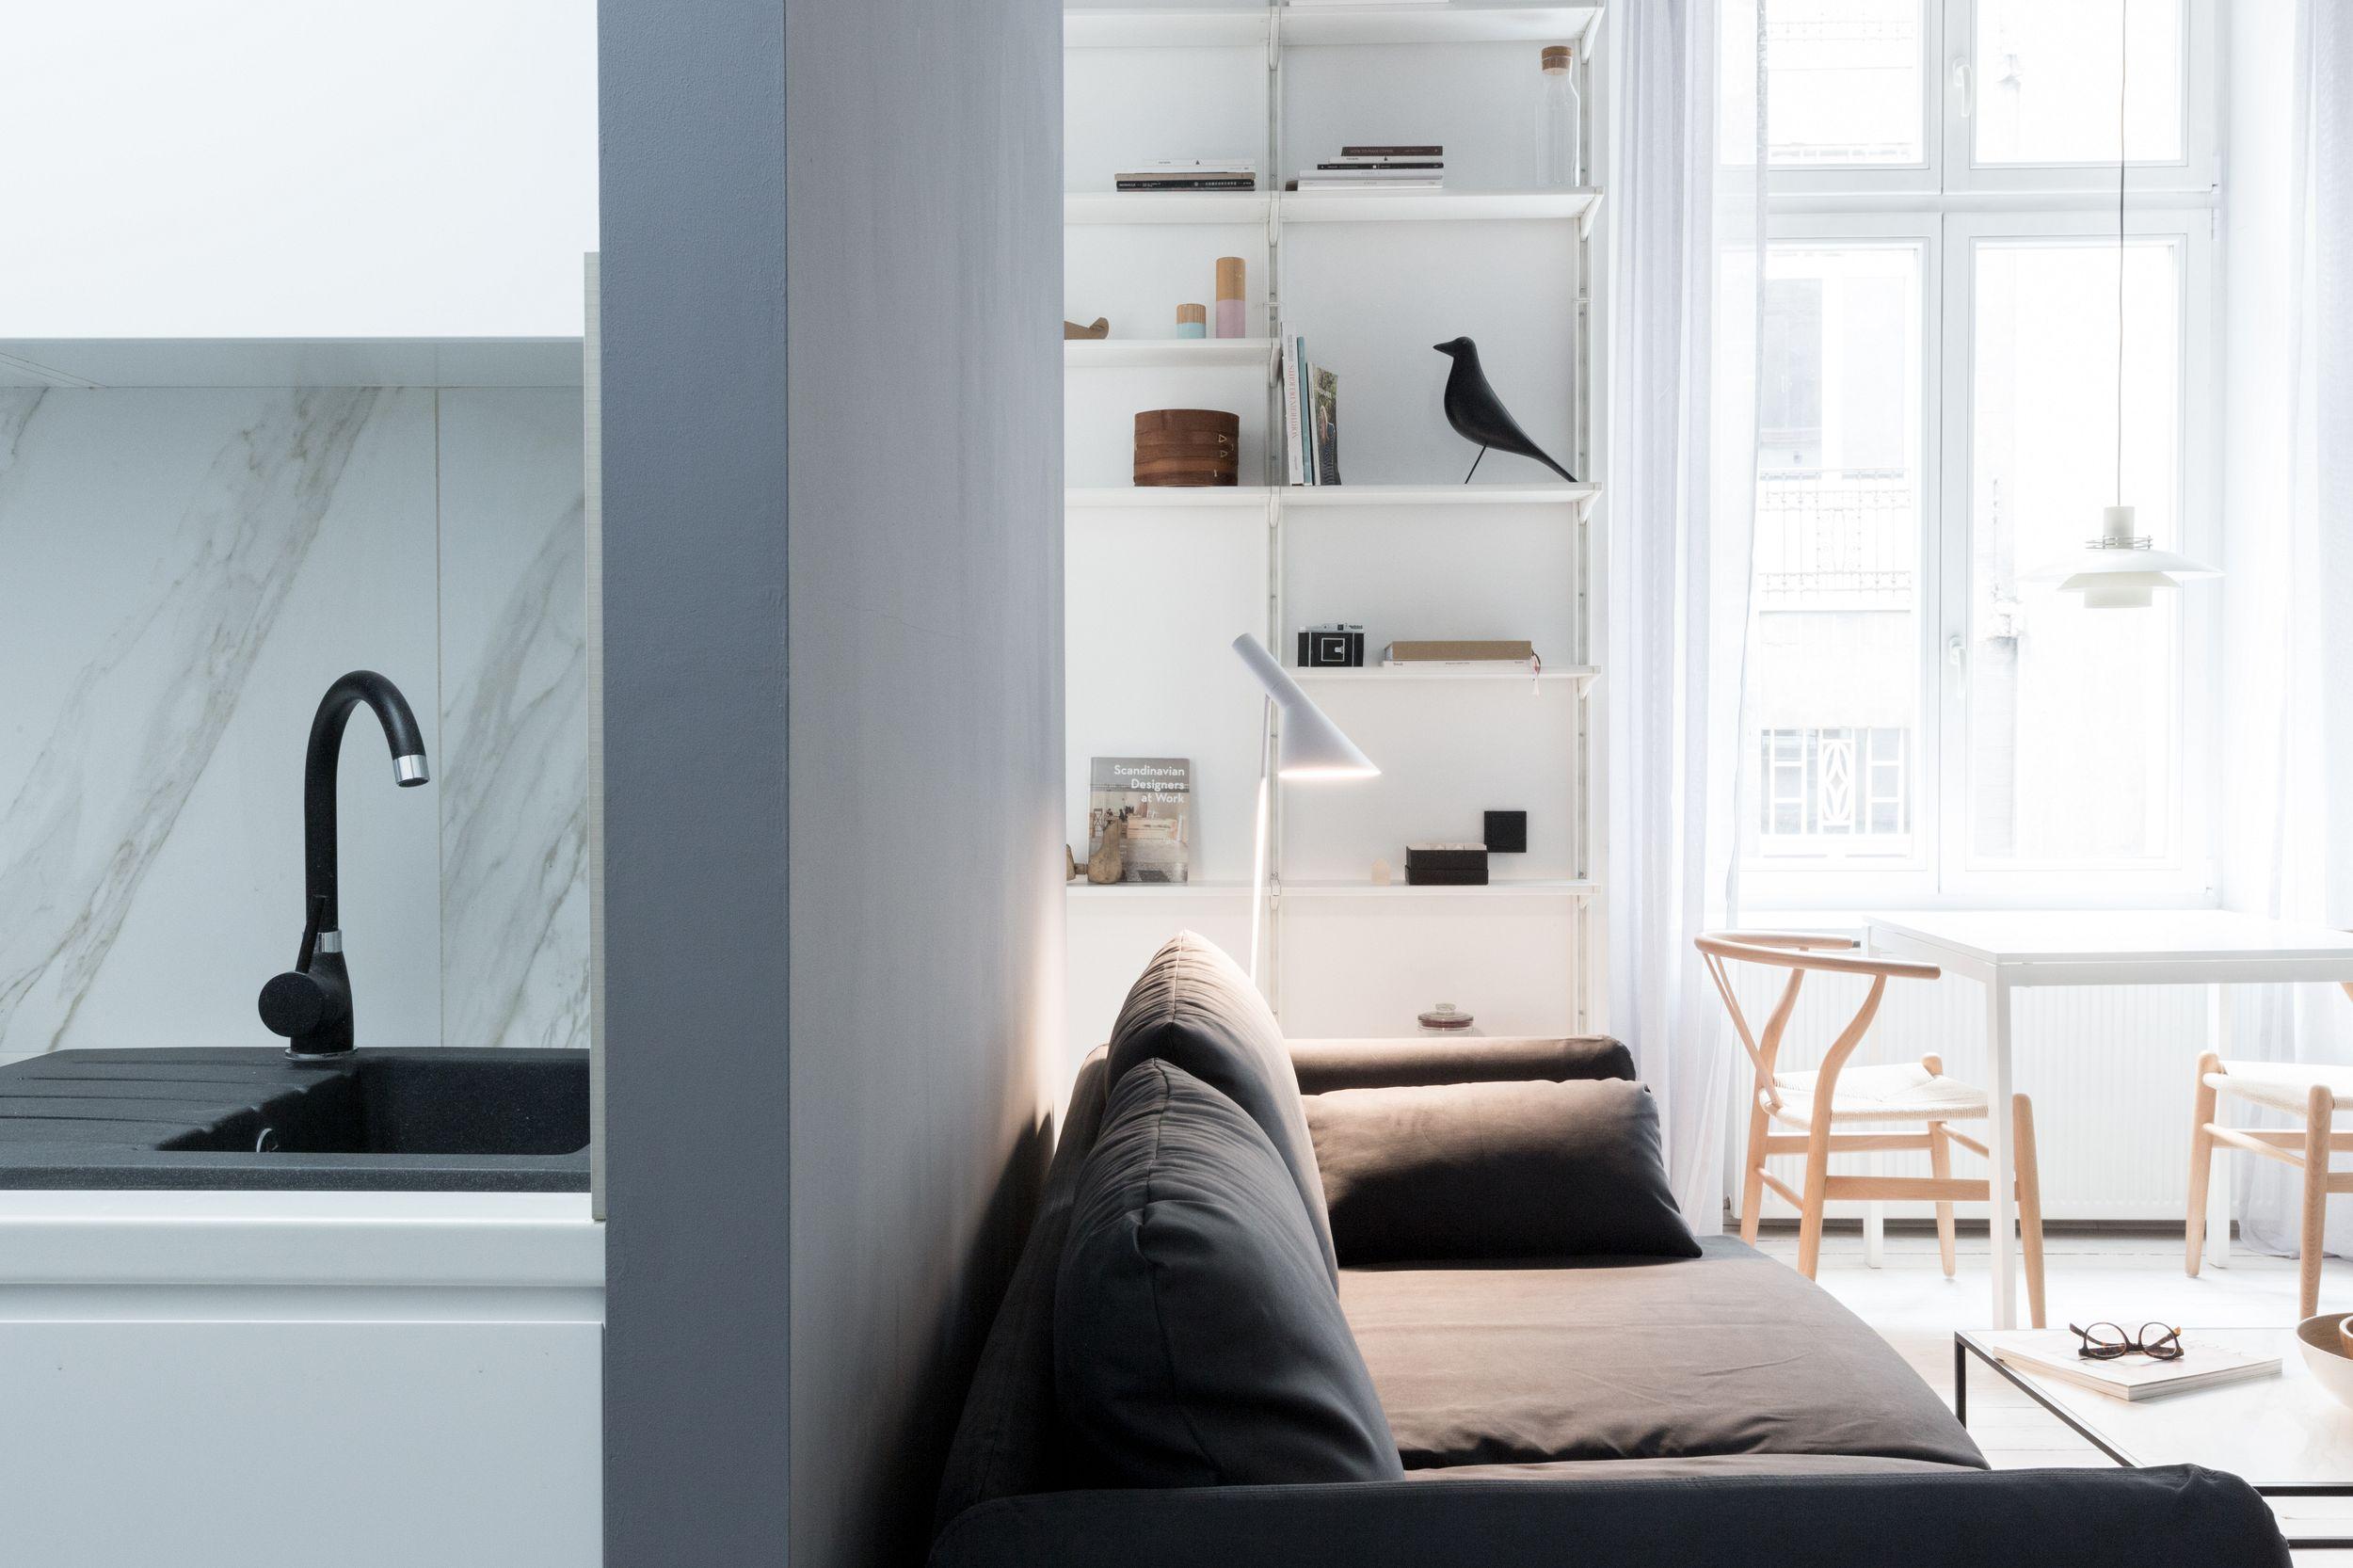 Salon oddzielony ścianką od kuchni